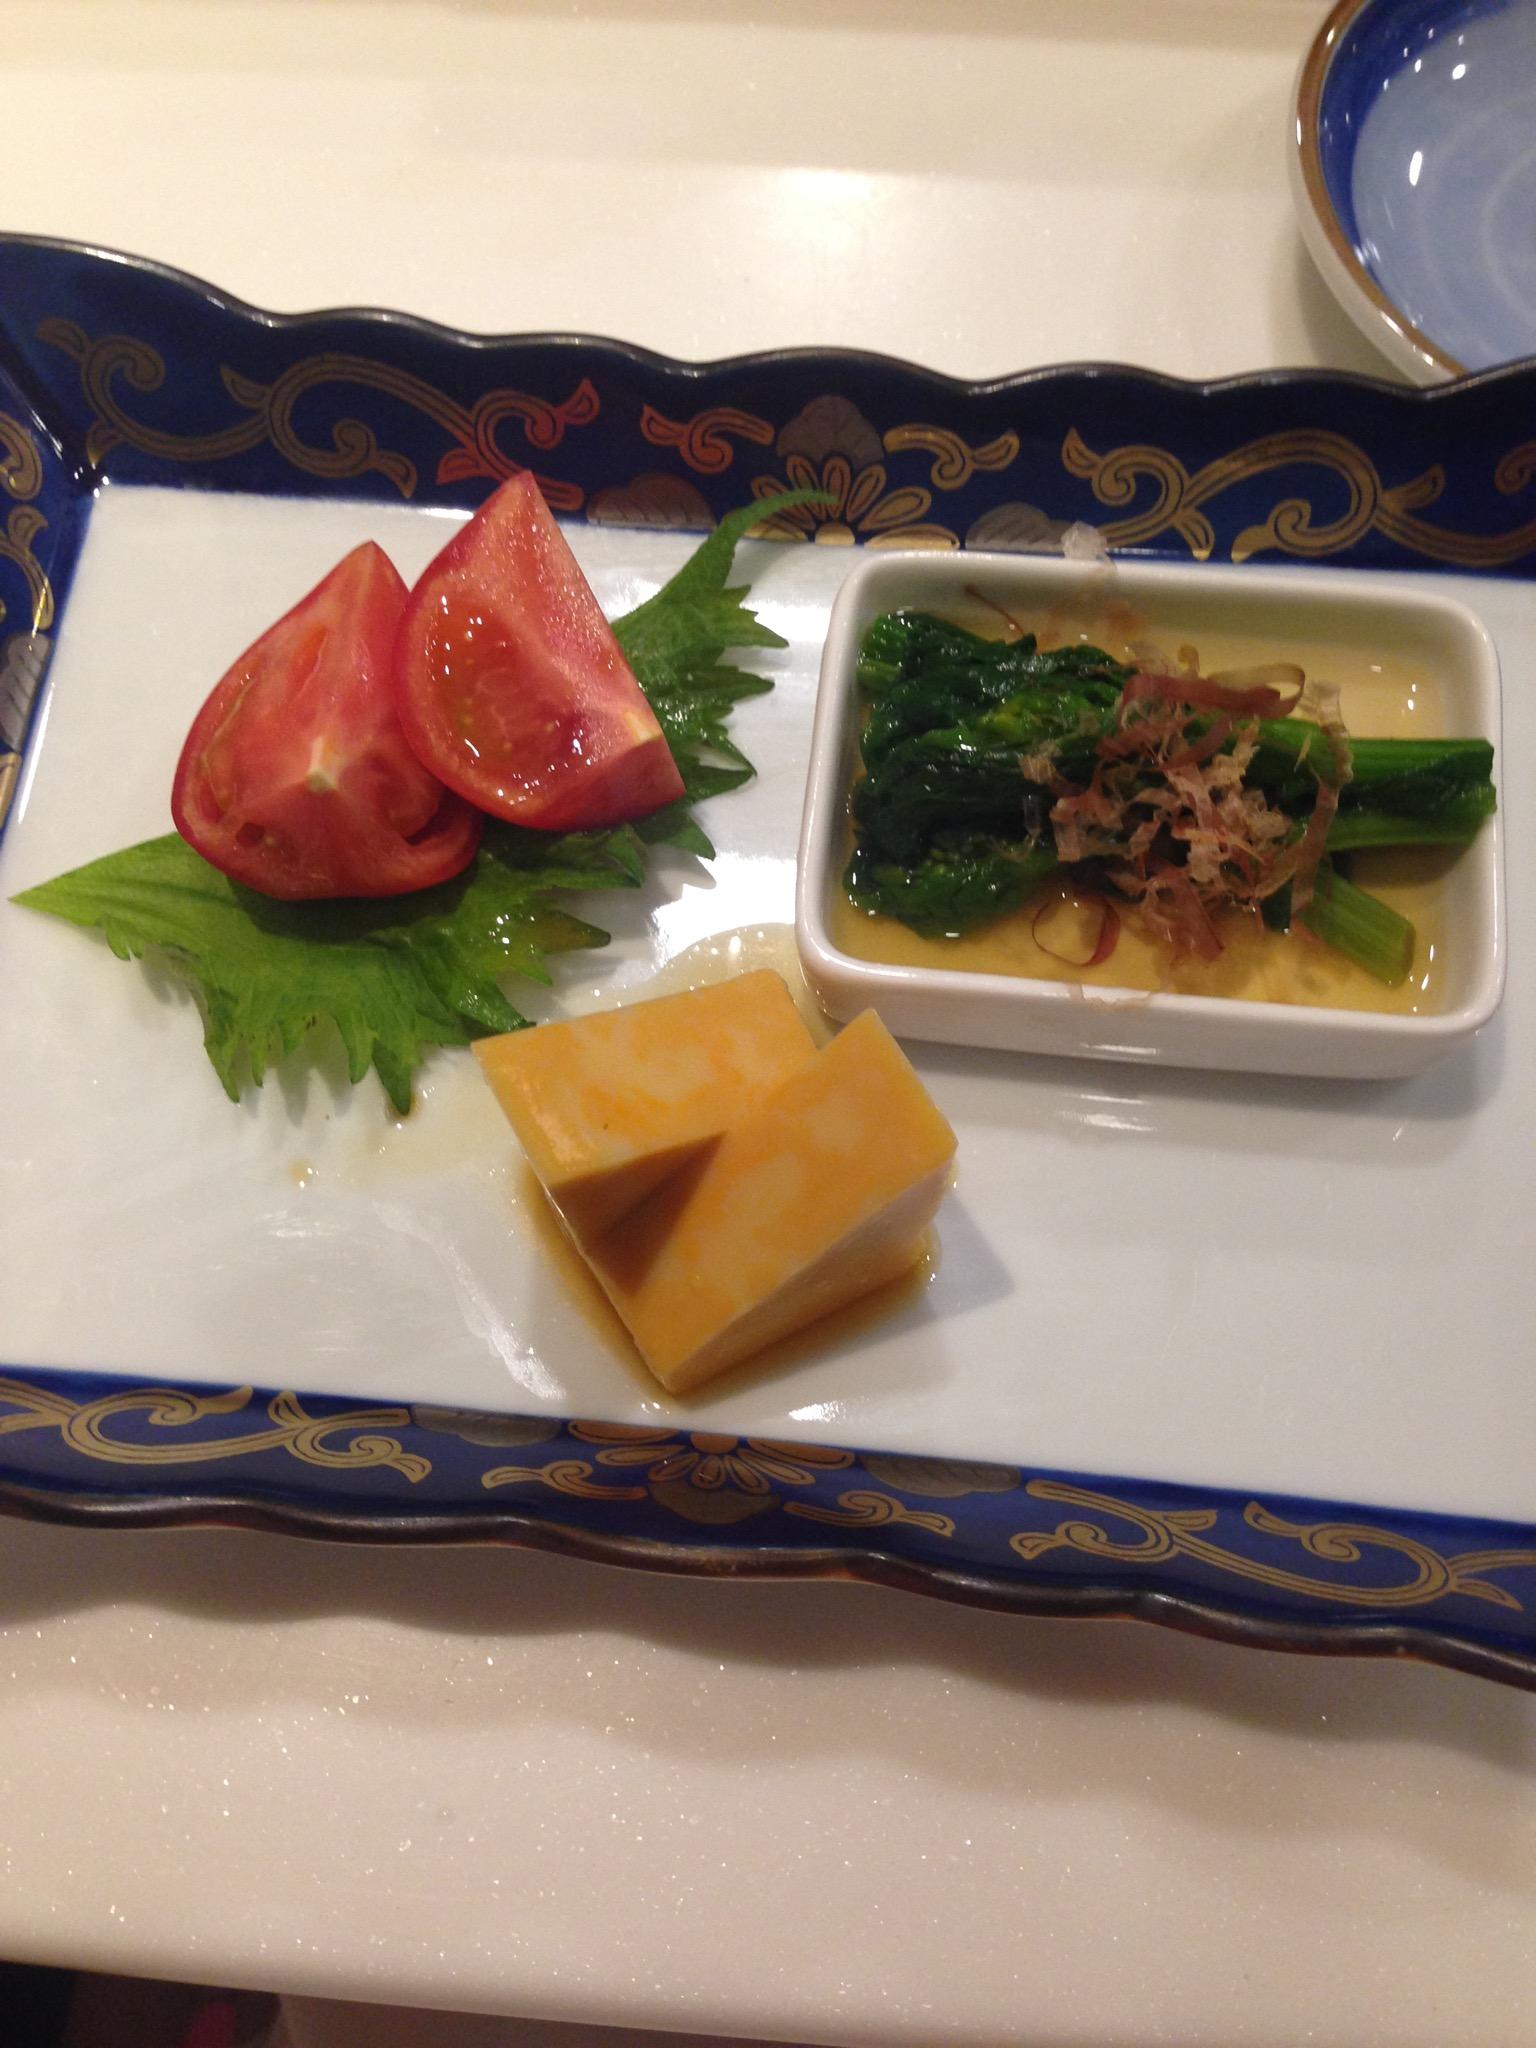 Fish-flavored tofu :)